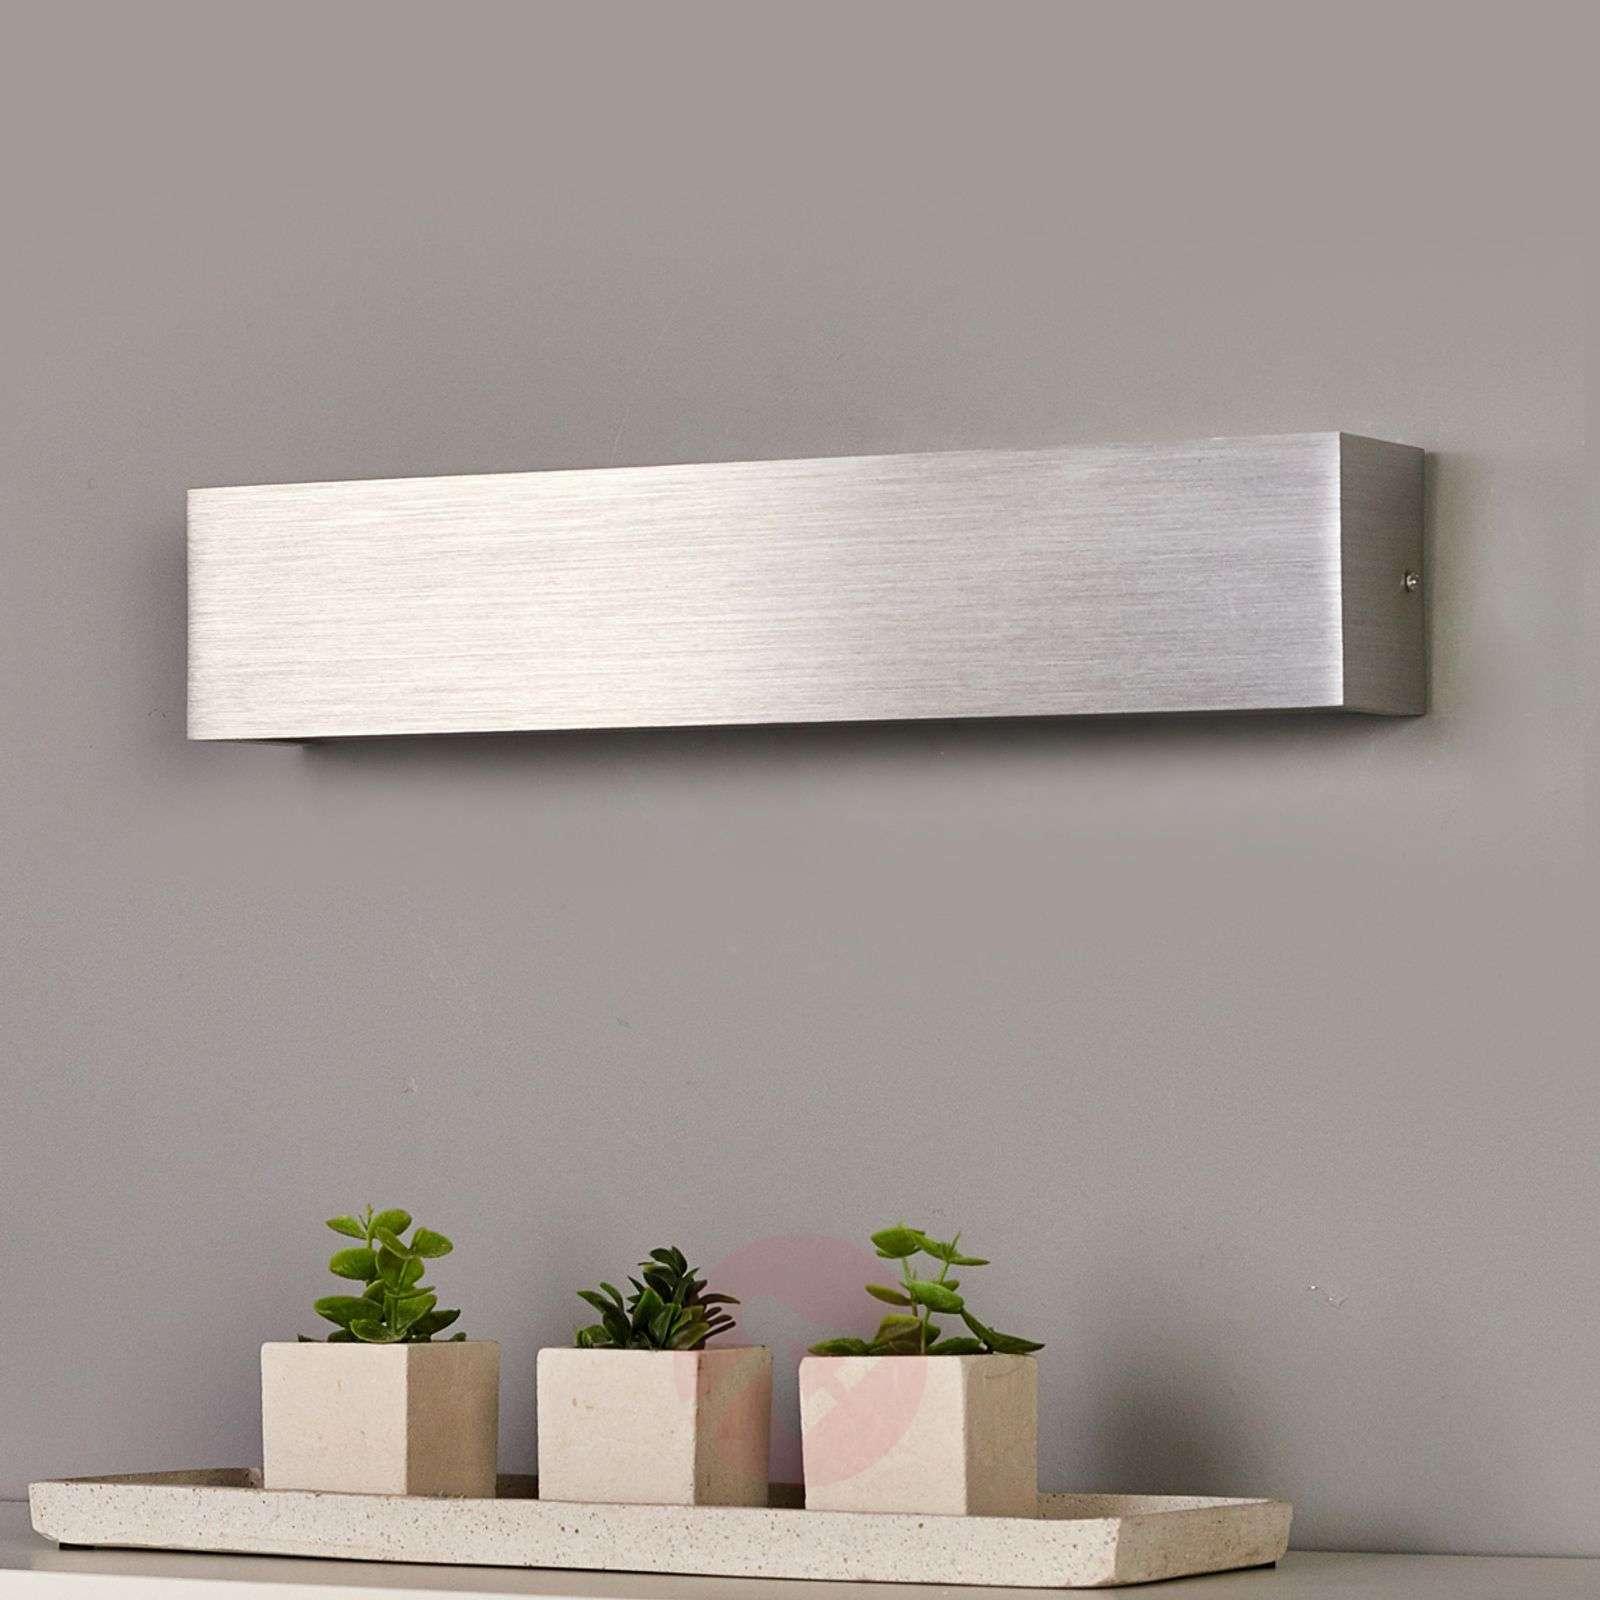 Ranik aluminium LED wall light-9625049-01